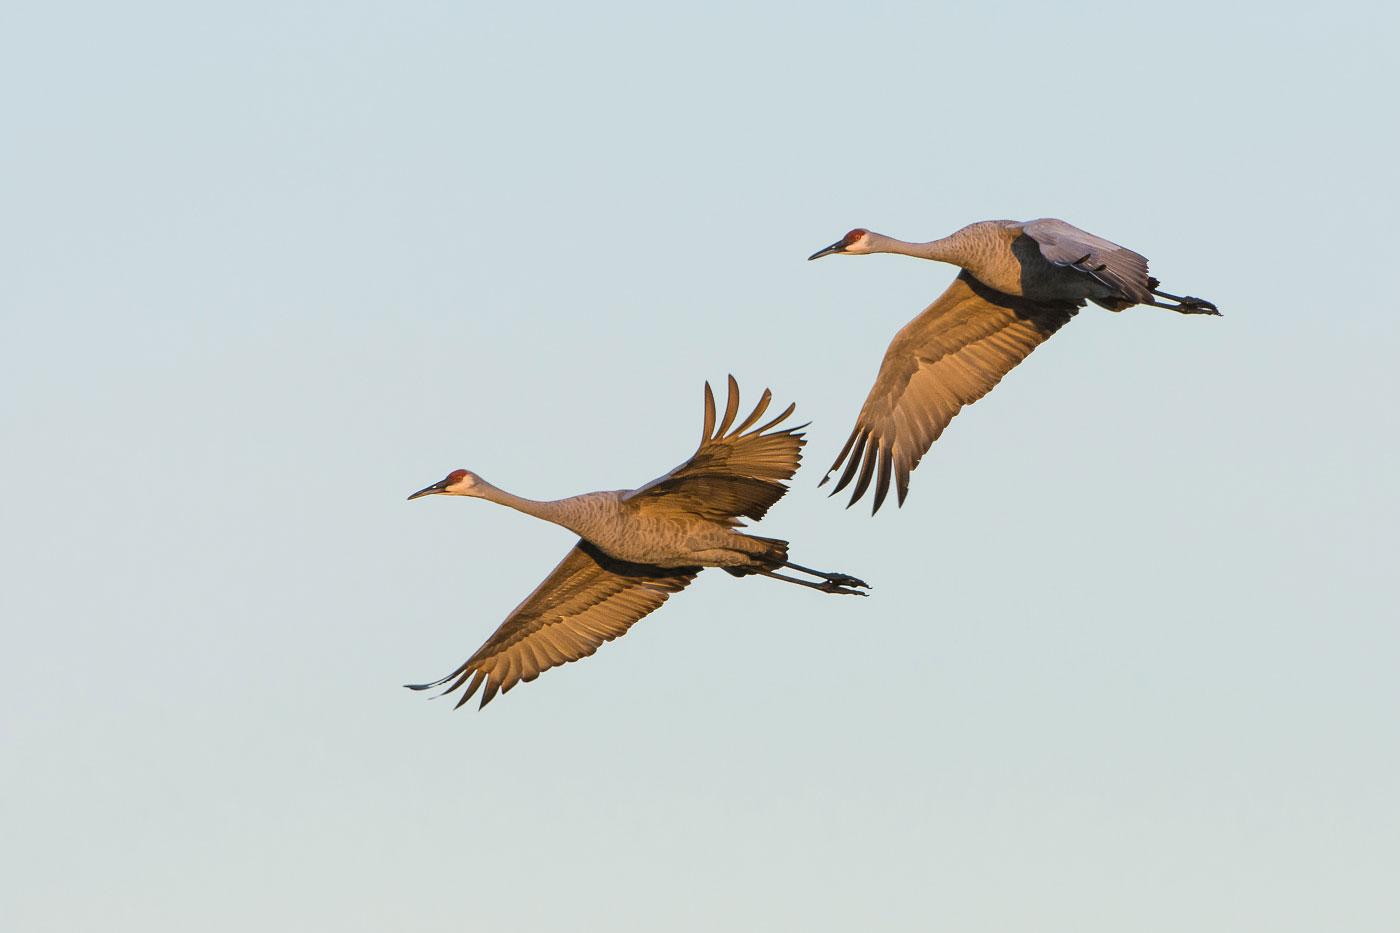 Cranes_BJL5849.jpg